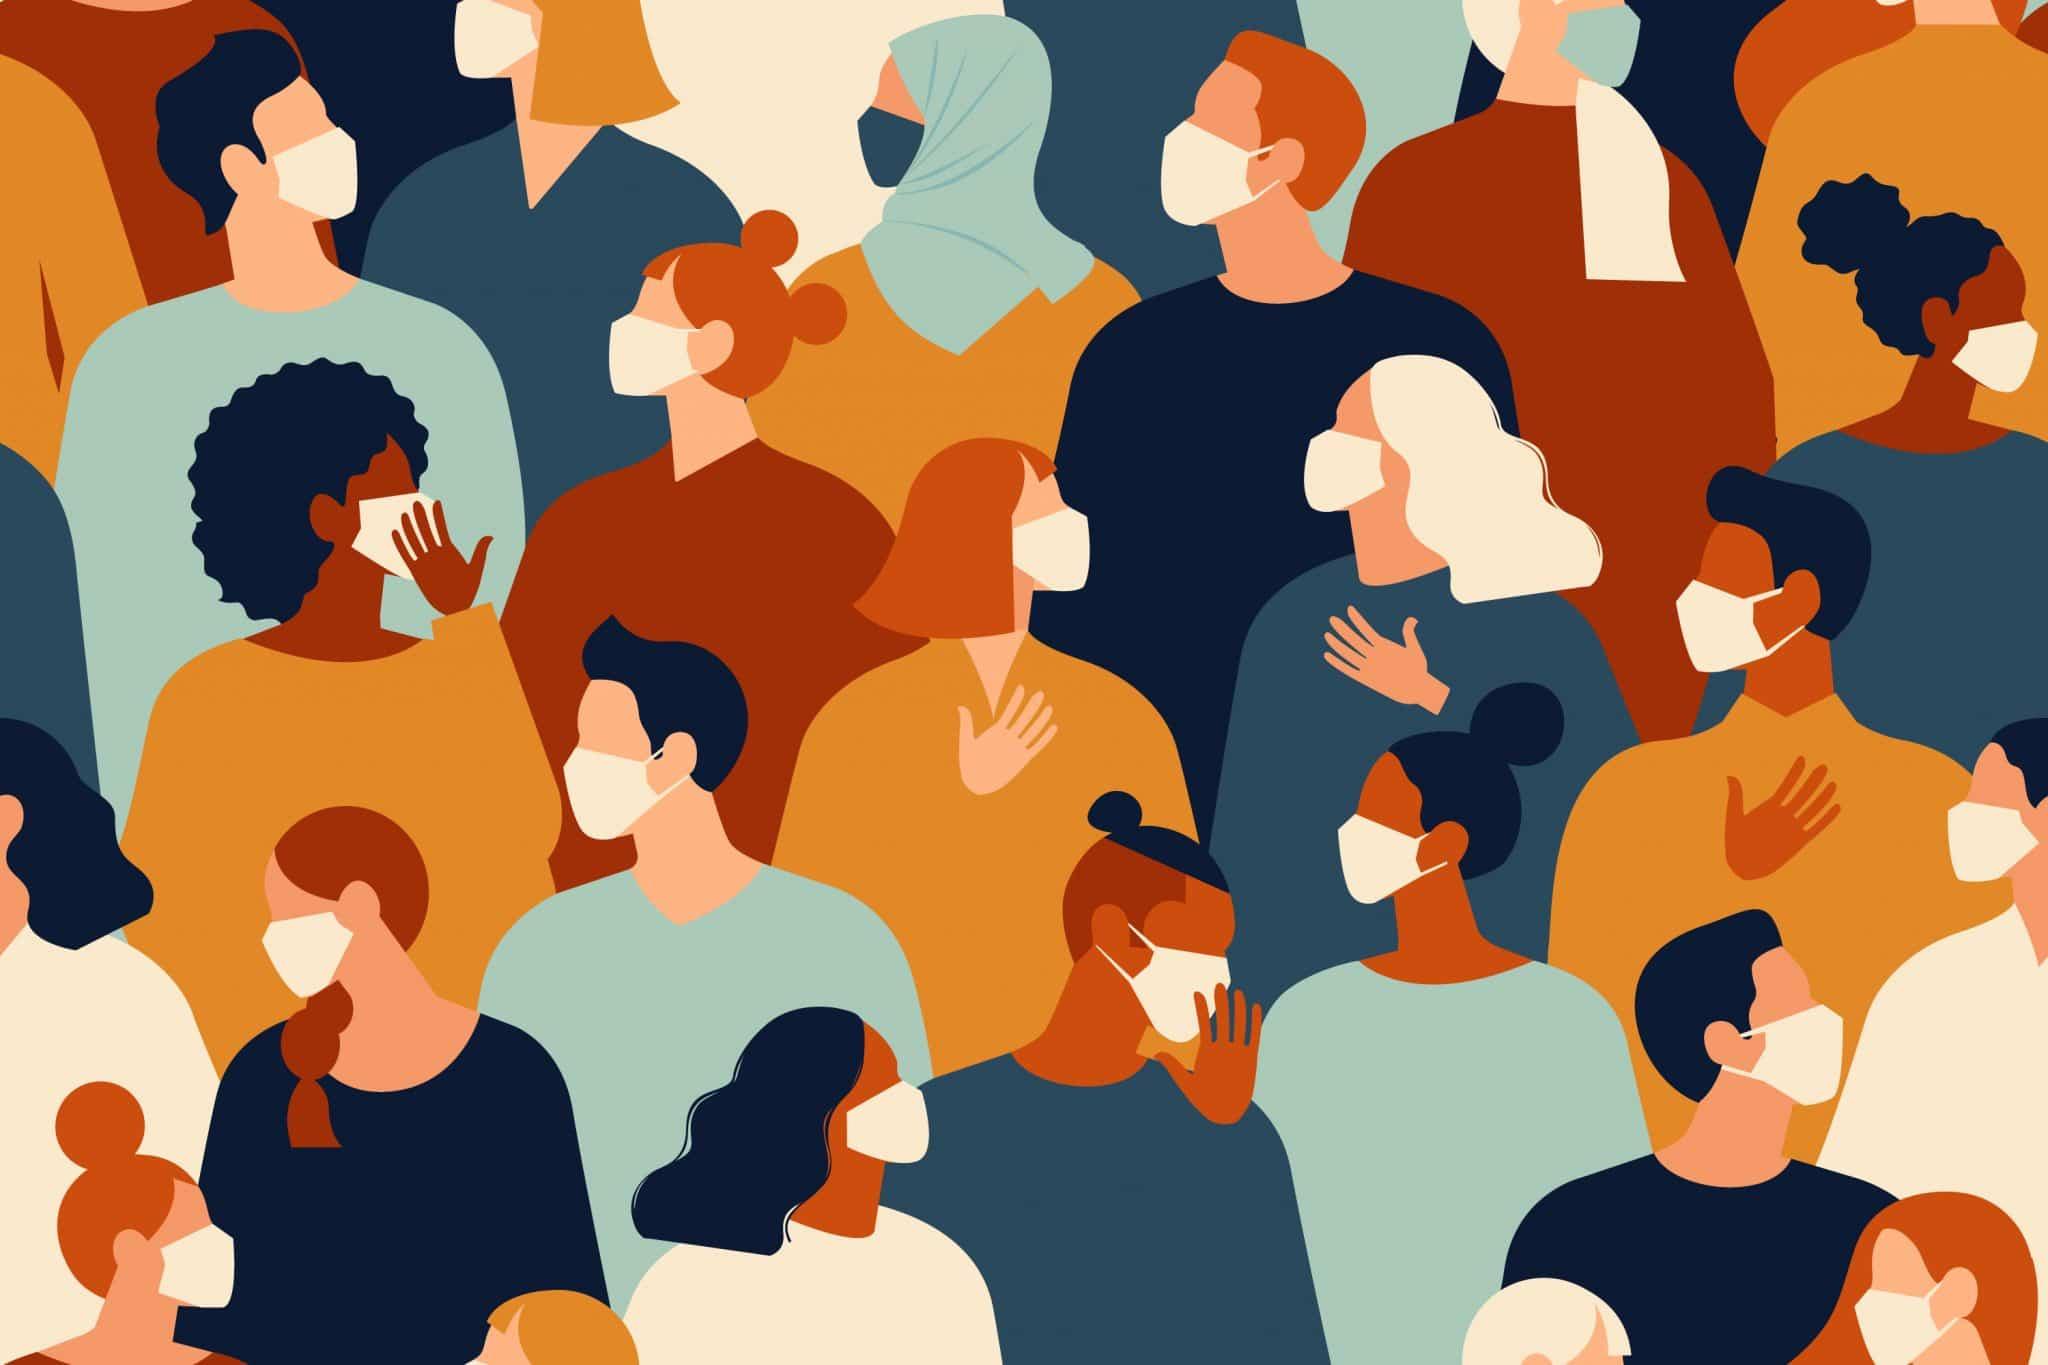 Zusammensein von mehreren Personen - Unterschreitung des Mindestabstandes von 1,5 Metern